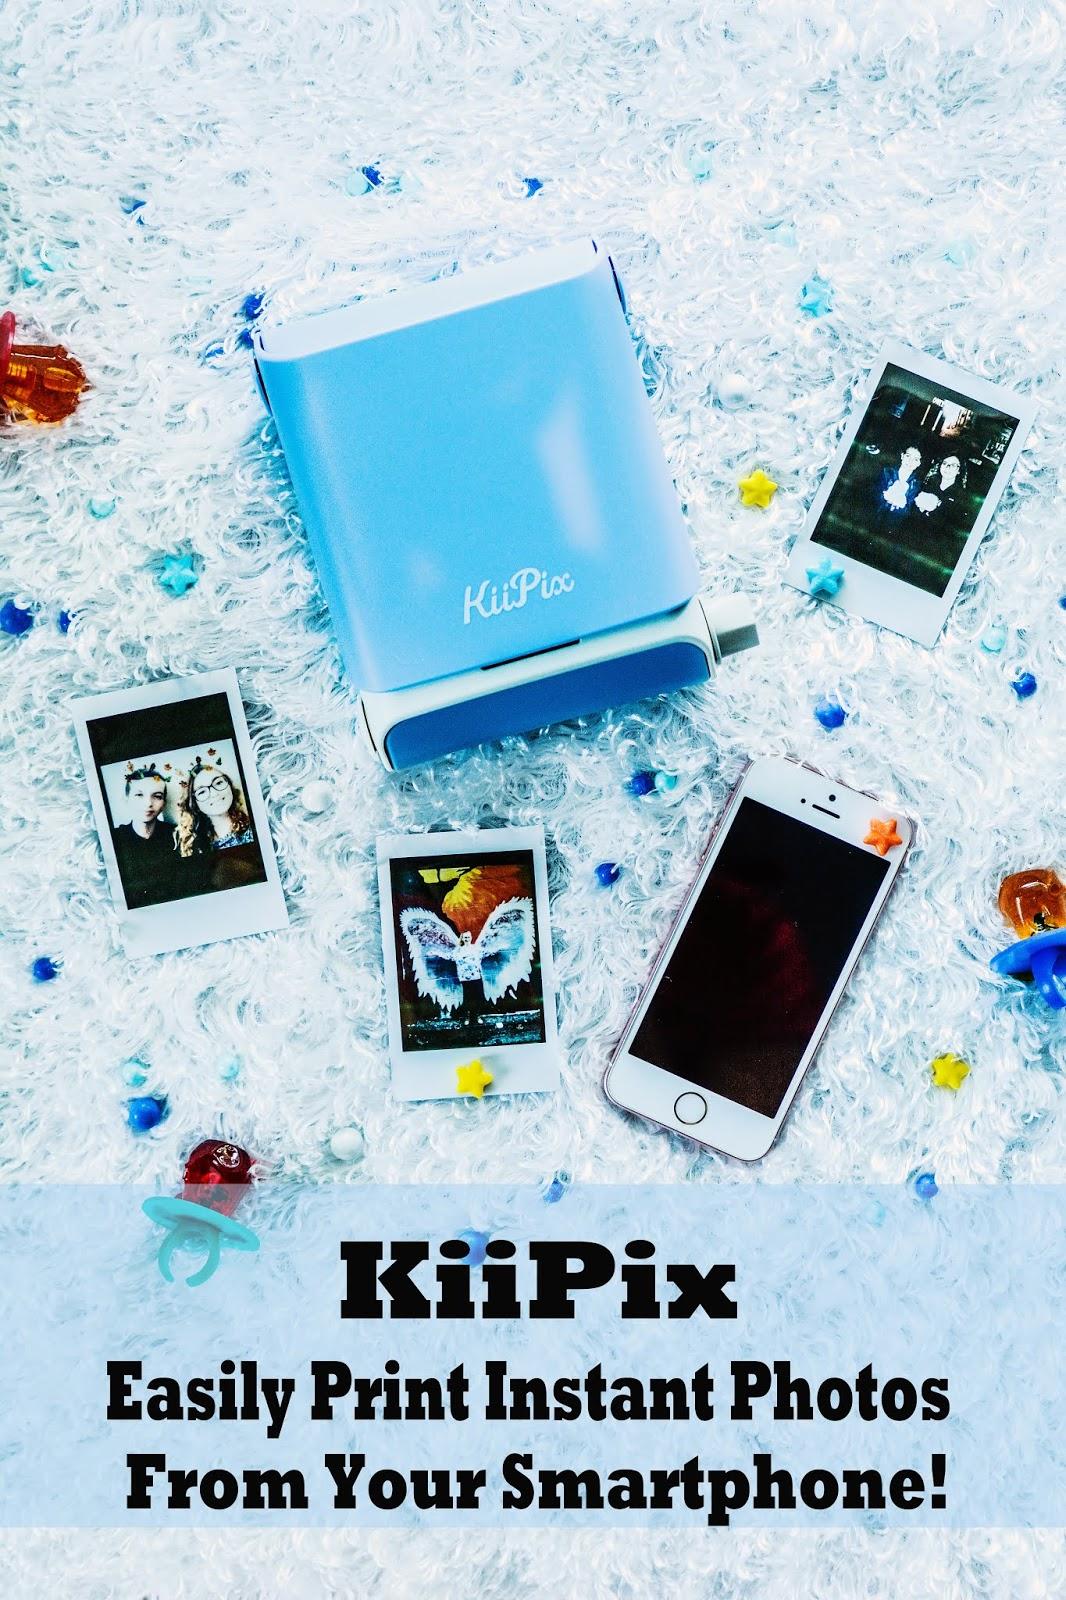 KiiPix